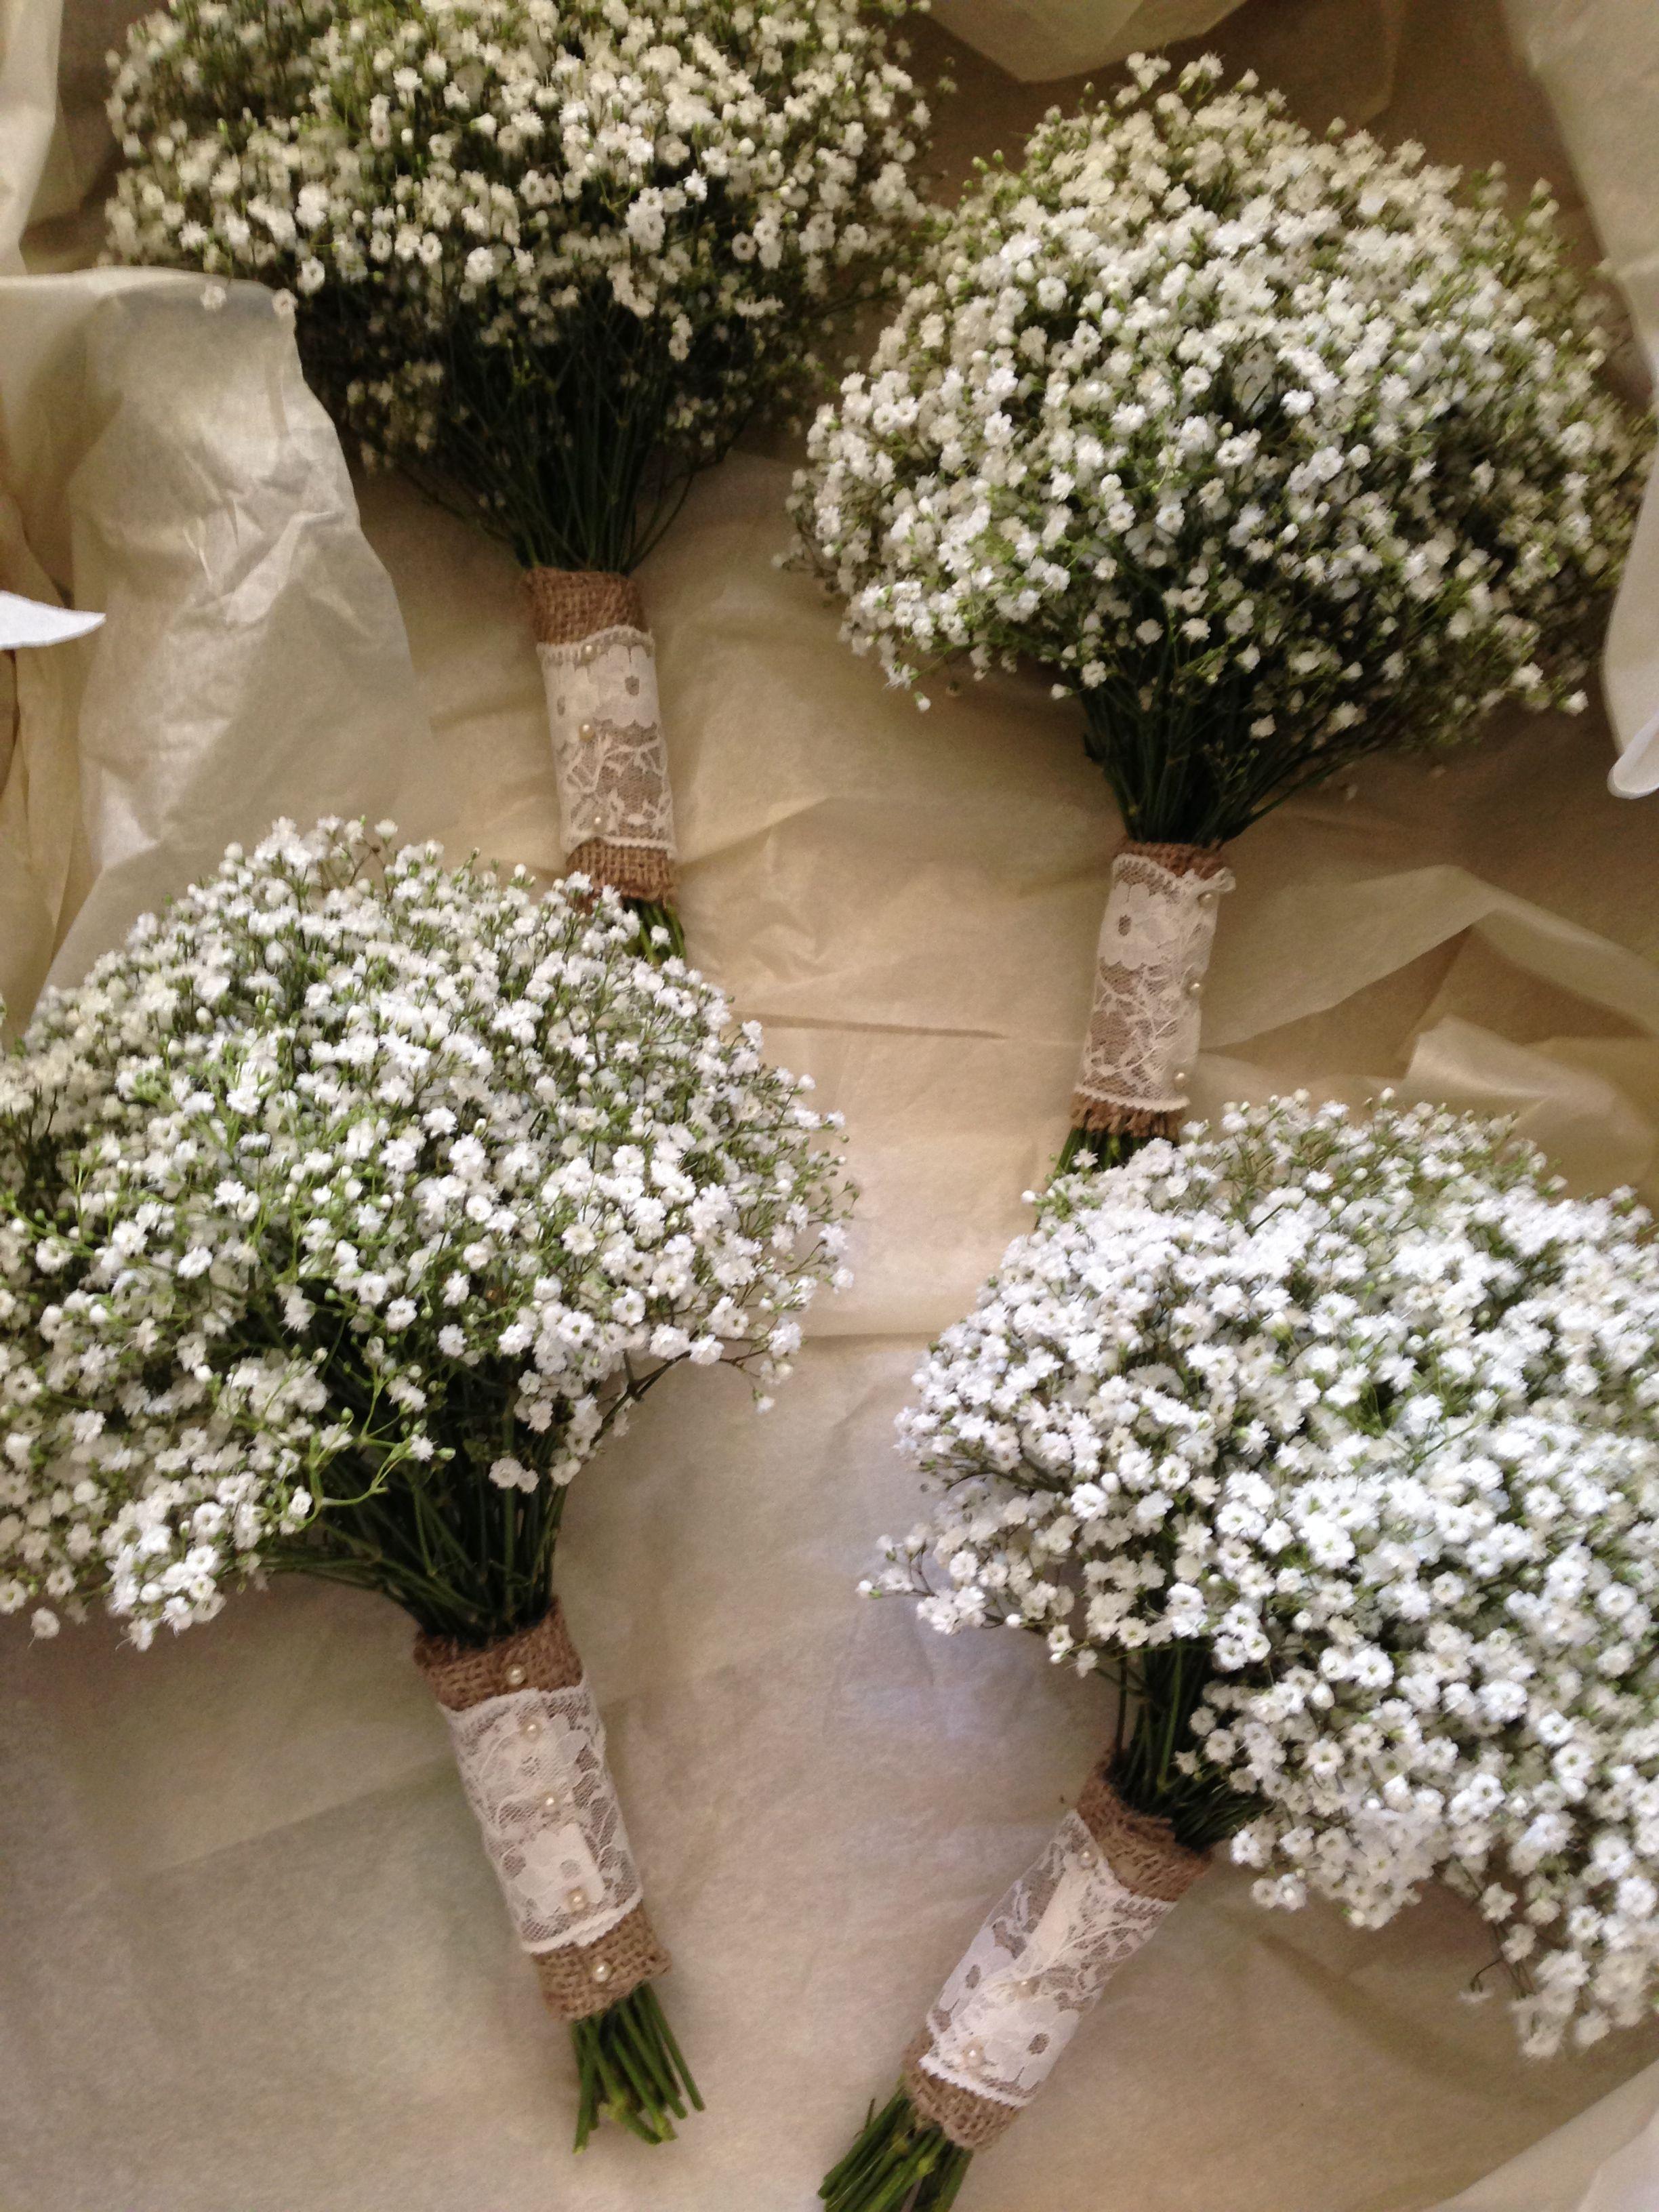 Bridesmaids Gypsophila Bouquets Possibly Changing To White Stocks Braut Blumen Brautstrausse Hochzeit Tischdekorartion